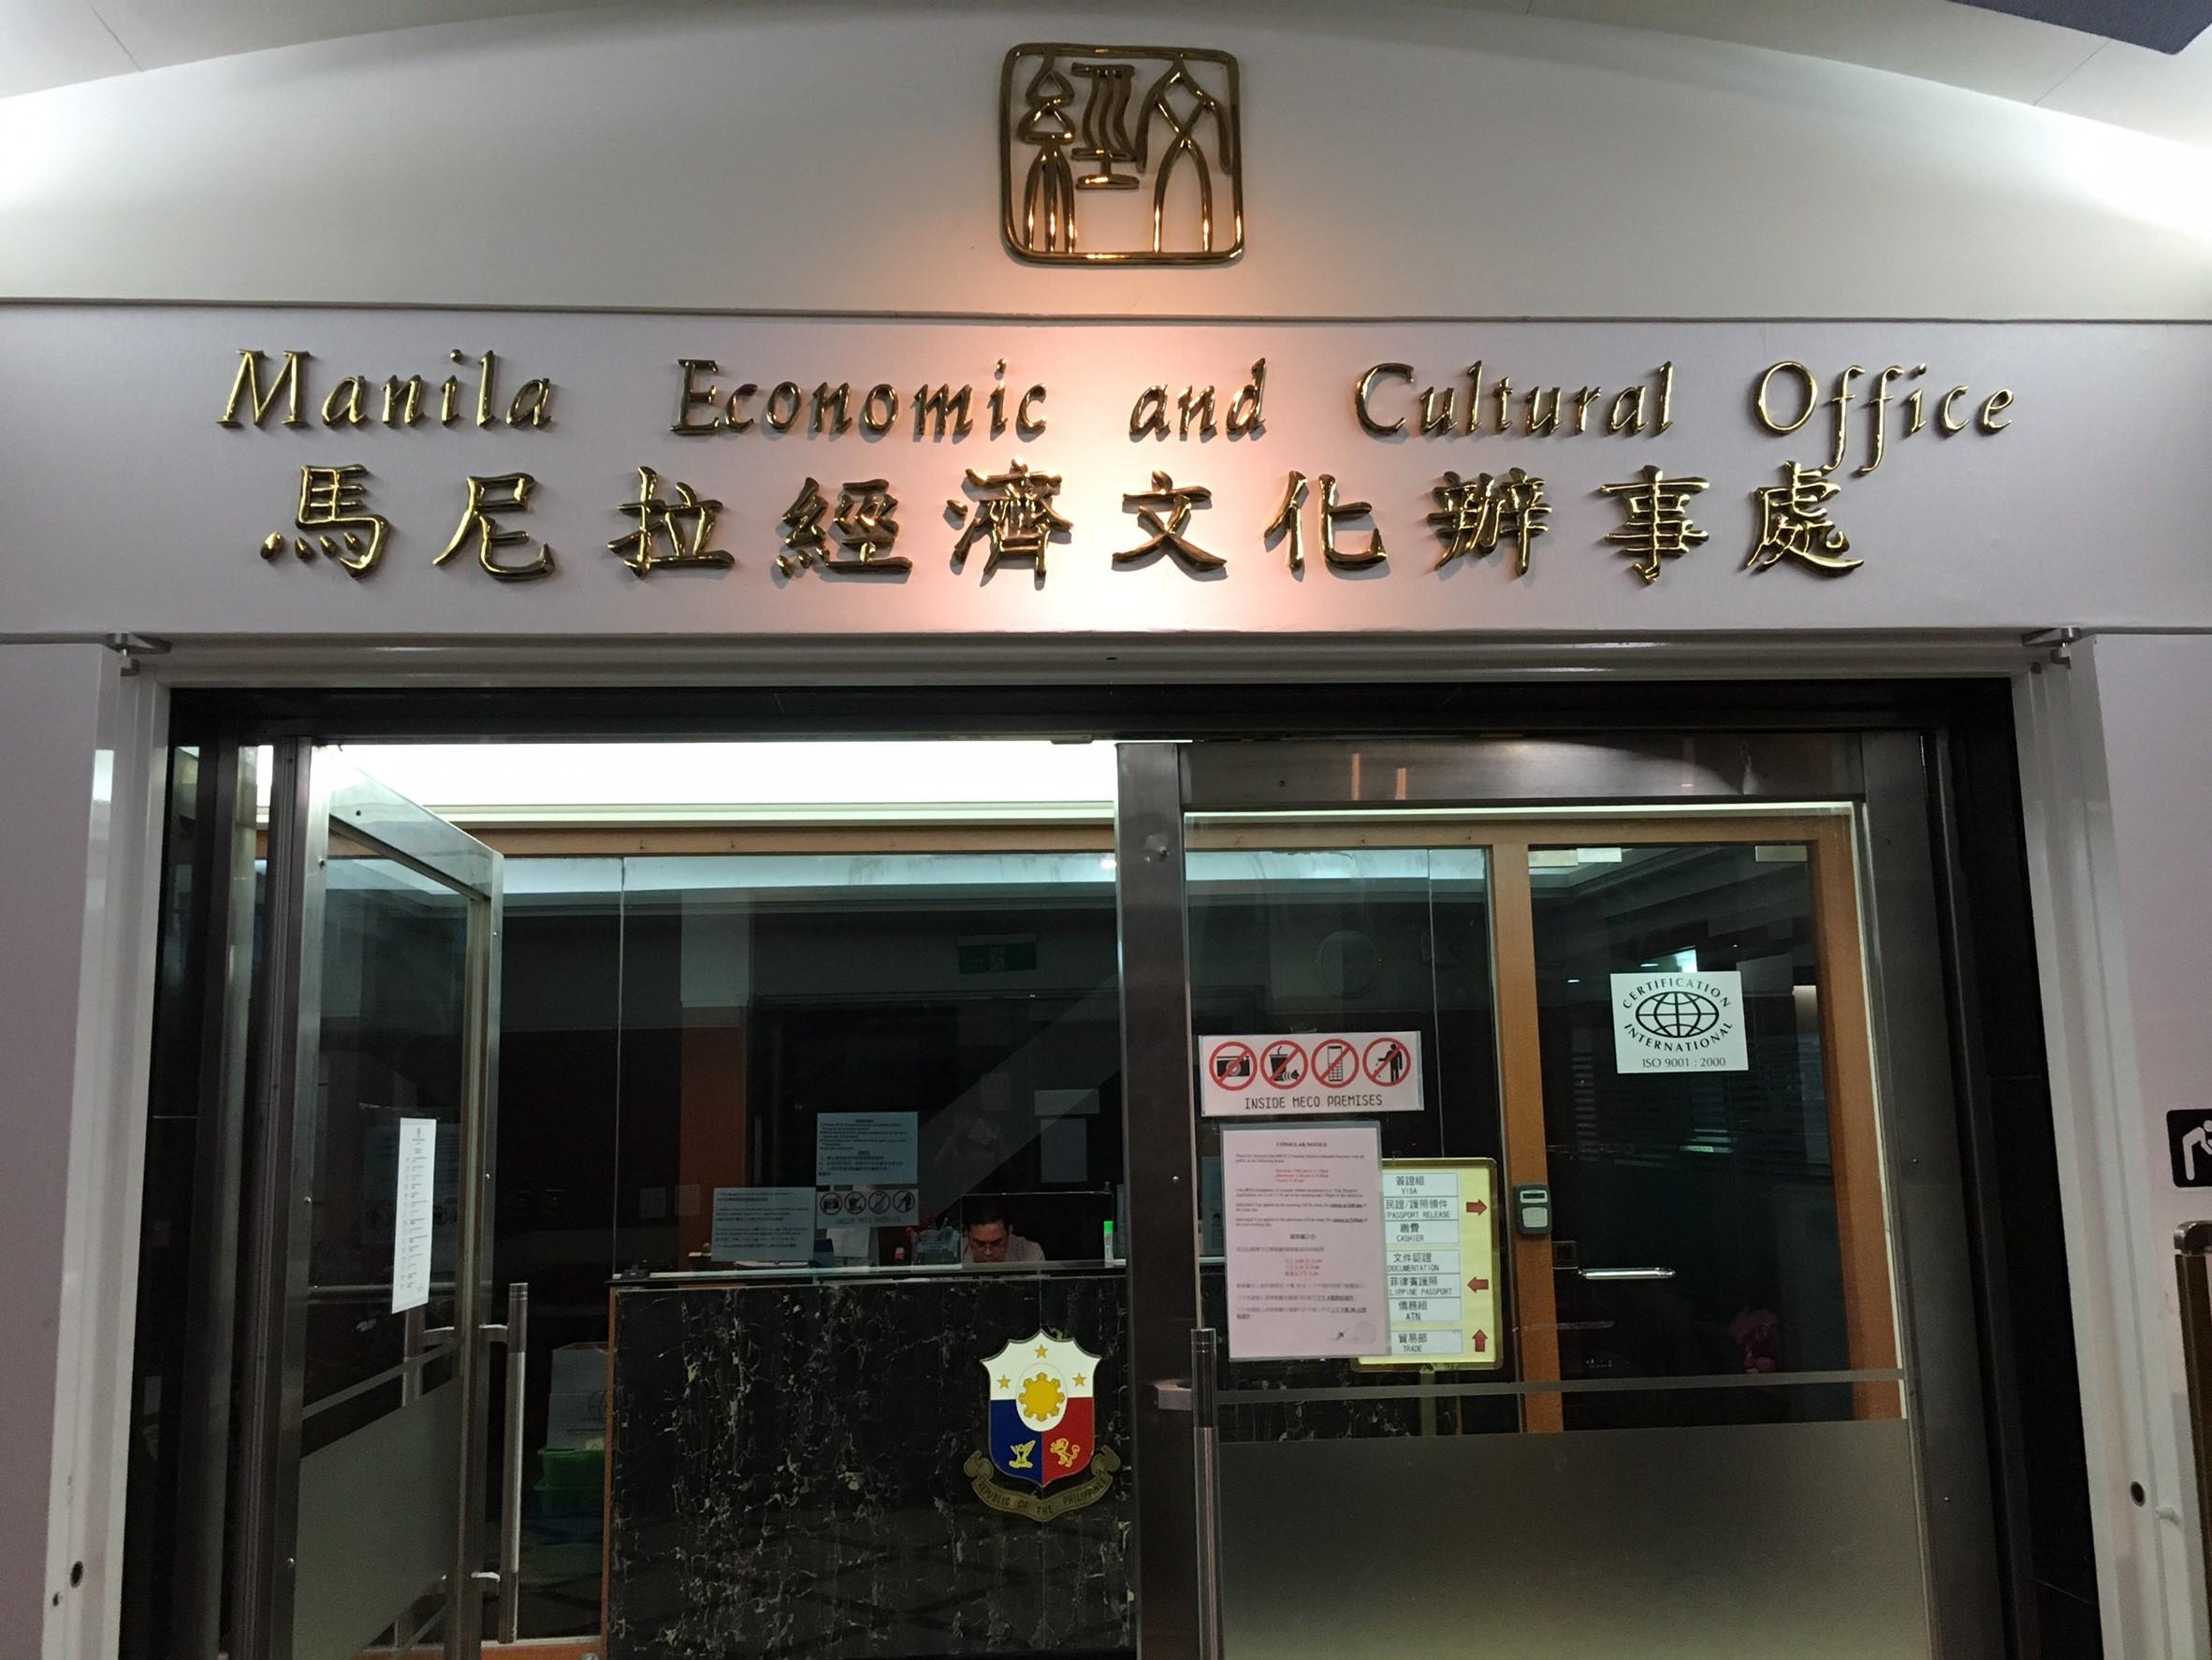 菲律賓簽證怎麼辦?>馬尼拉經濟文化辦事處